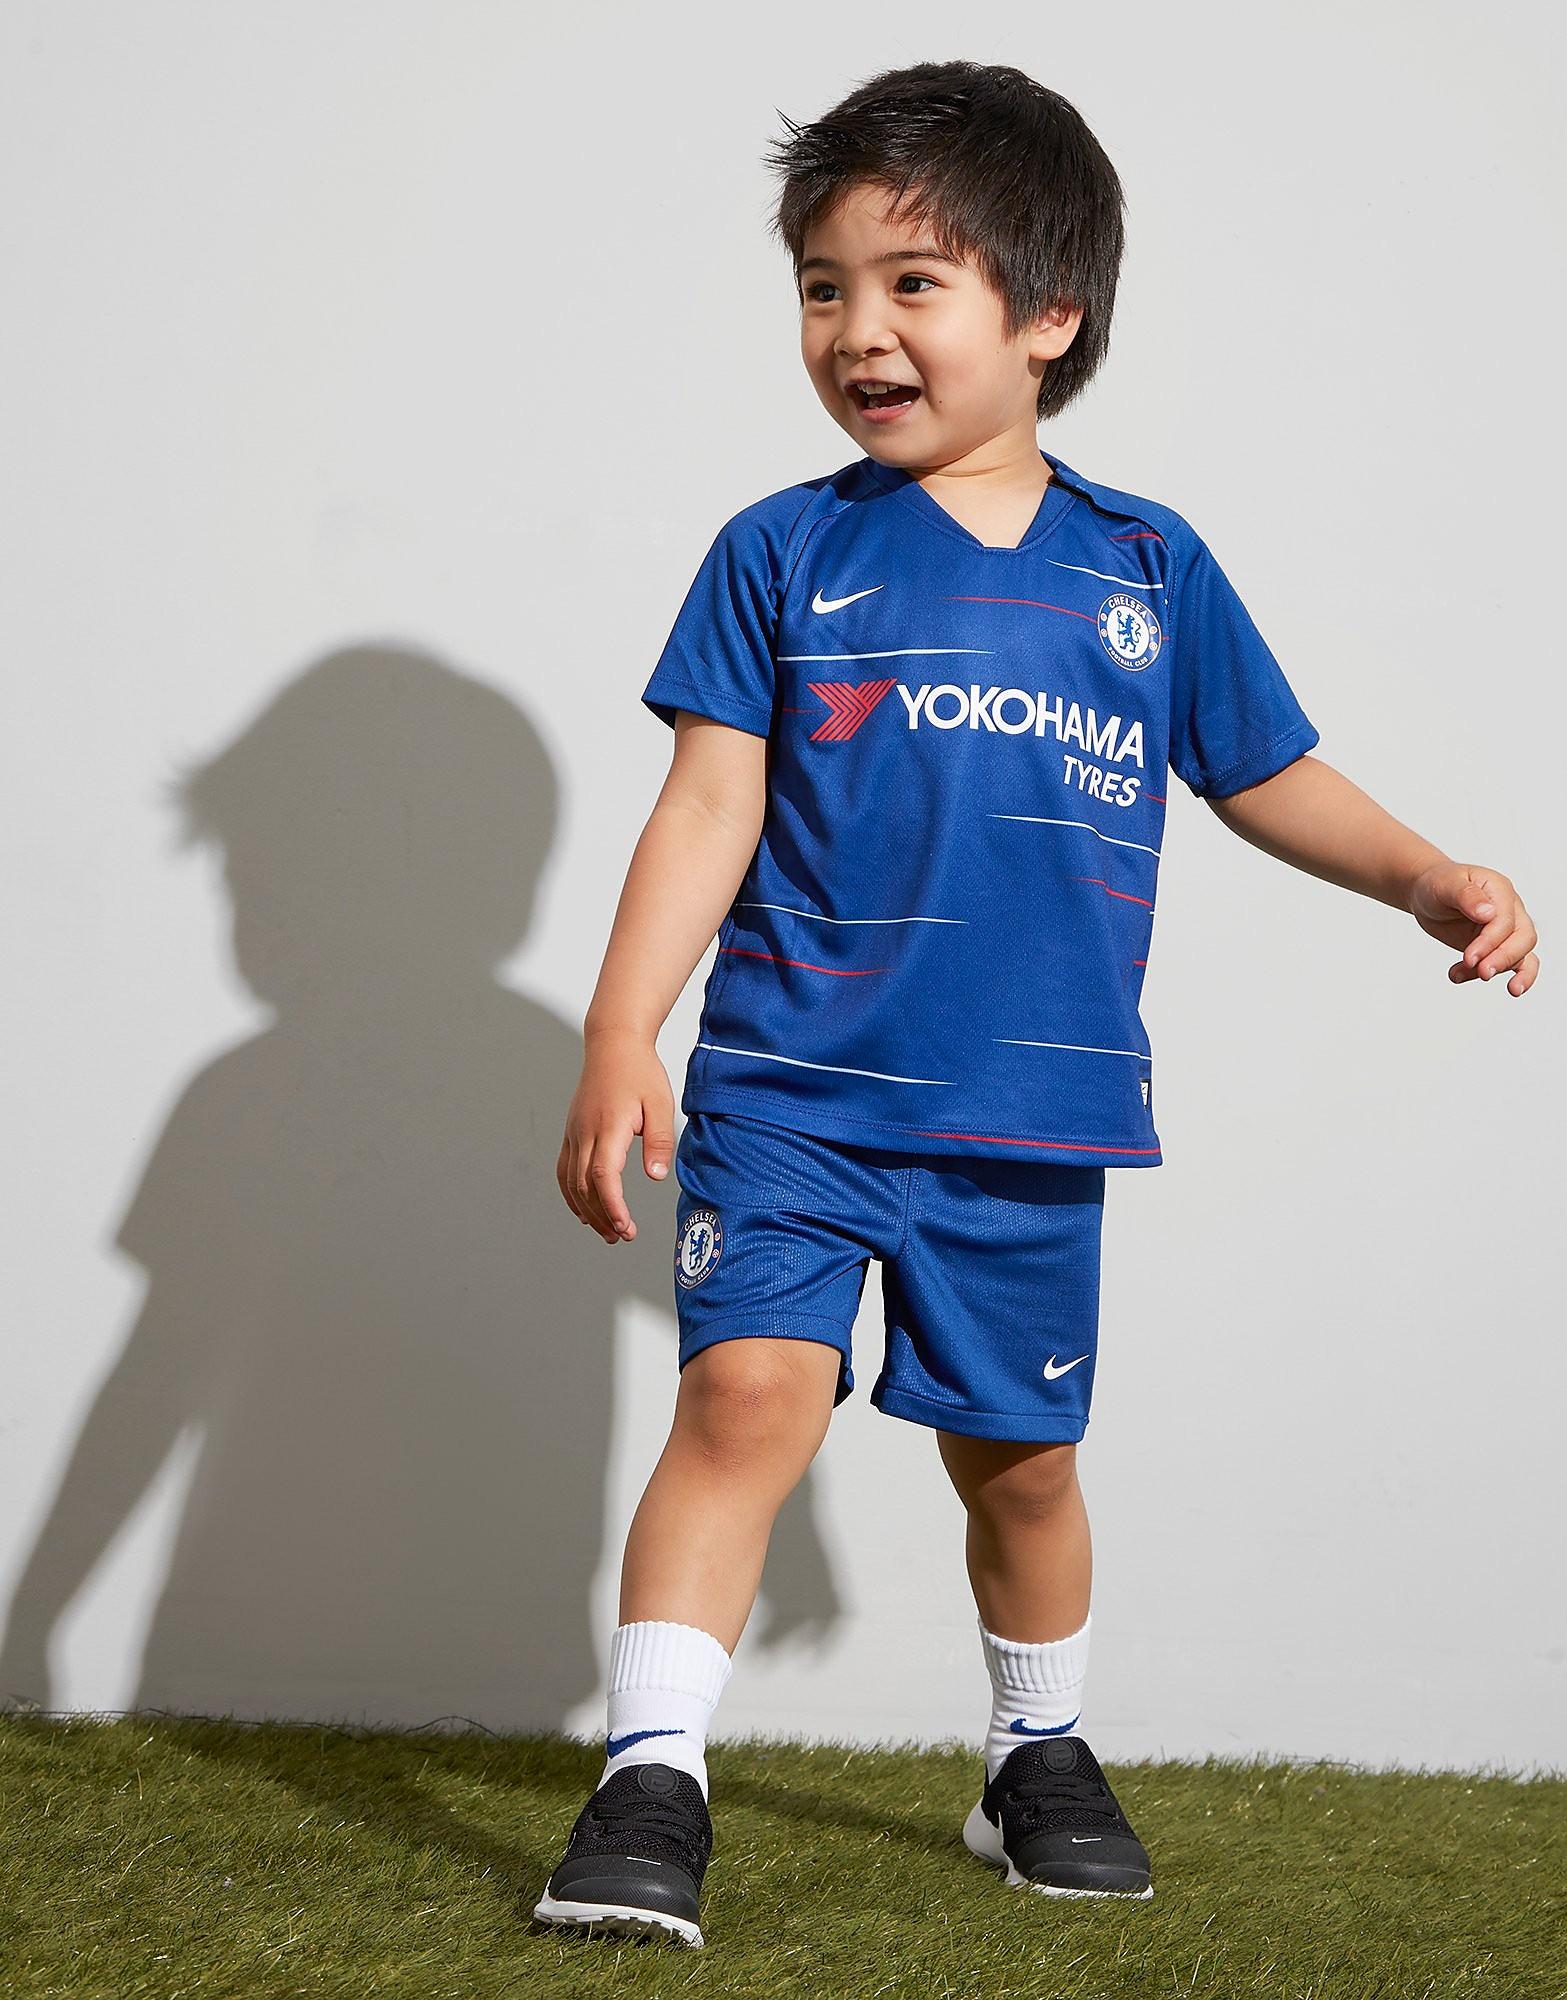 Nike Chelsea FC 2018/19 Home Kit Infant PRE ORDER